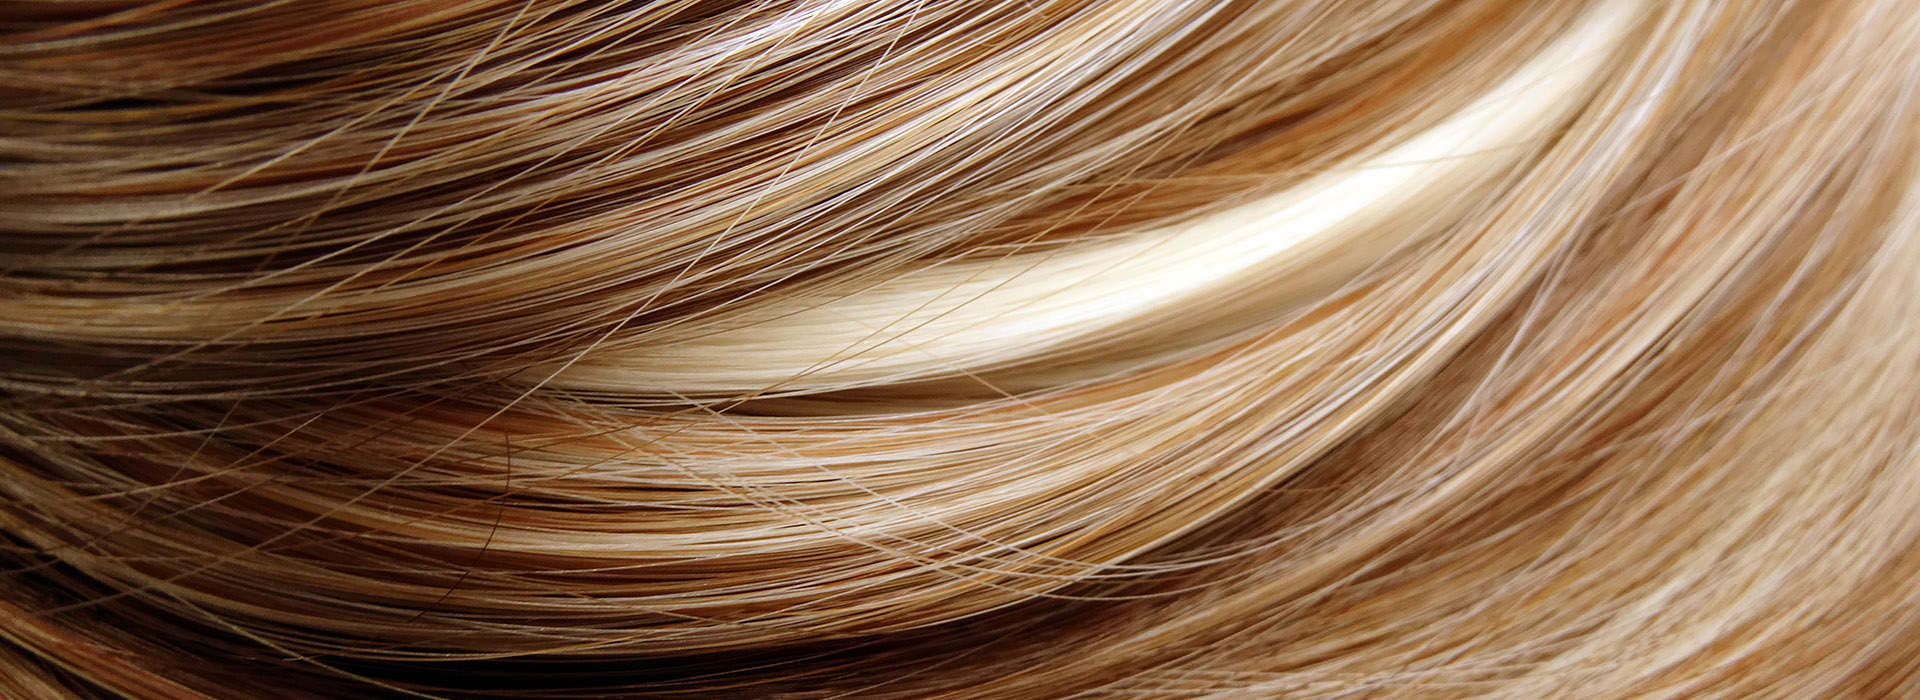 Hair Toth Lakme Akademia 1920 700 Szin